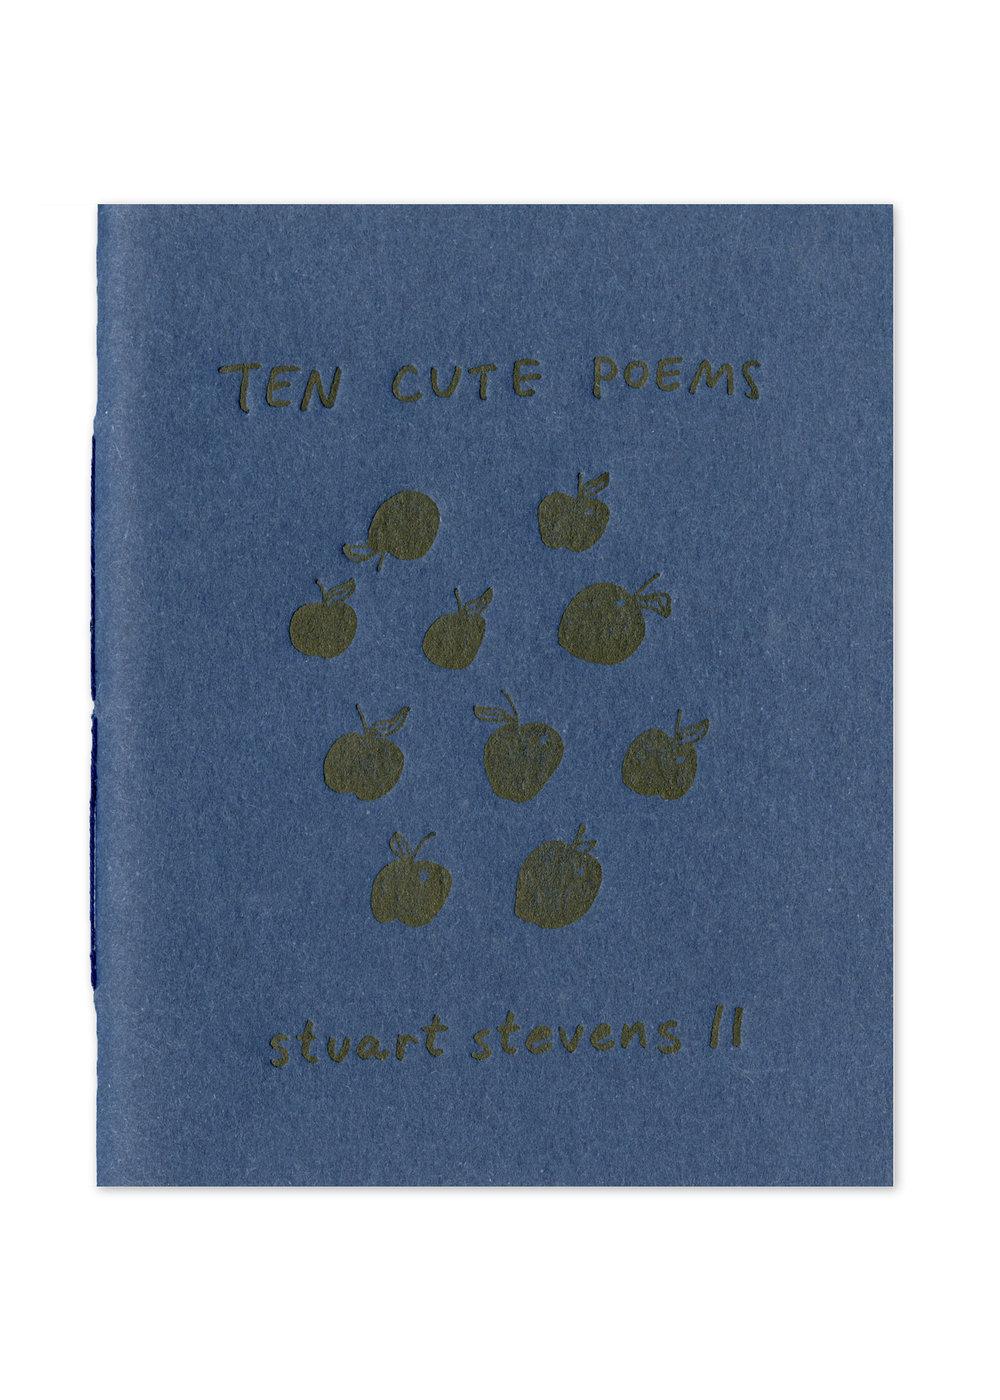 Ten Cute Poems, w/Stuart Stevens II